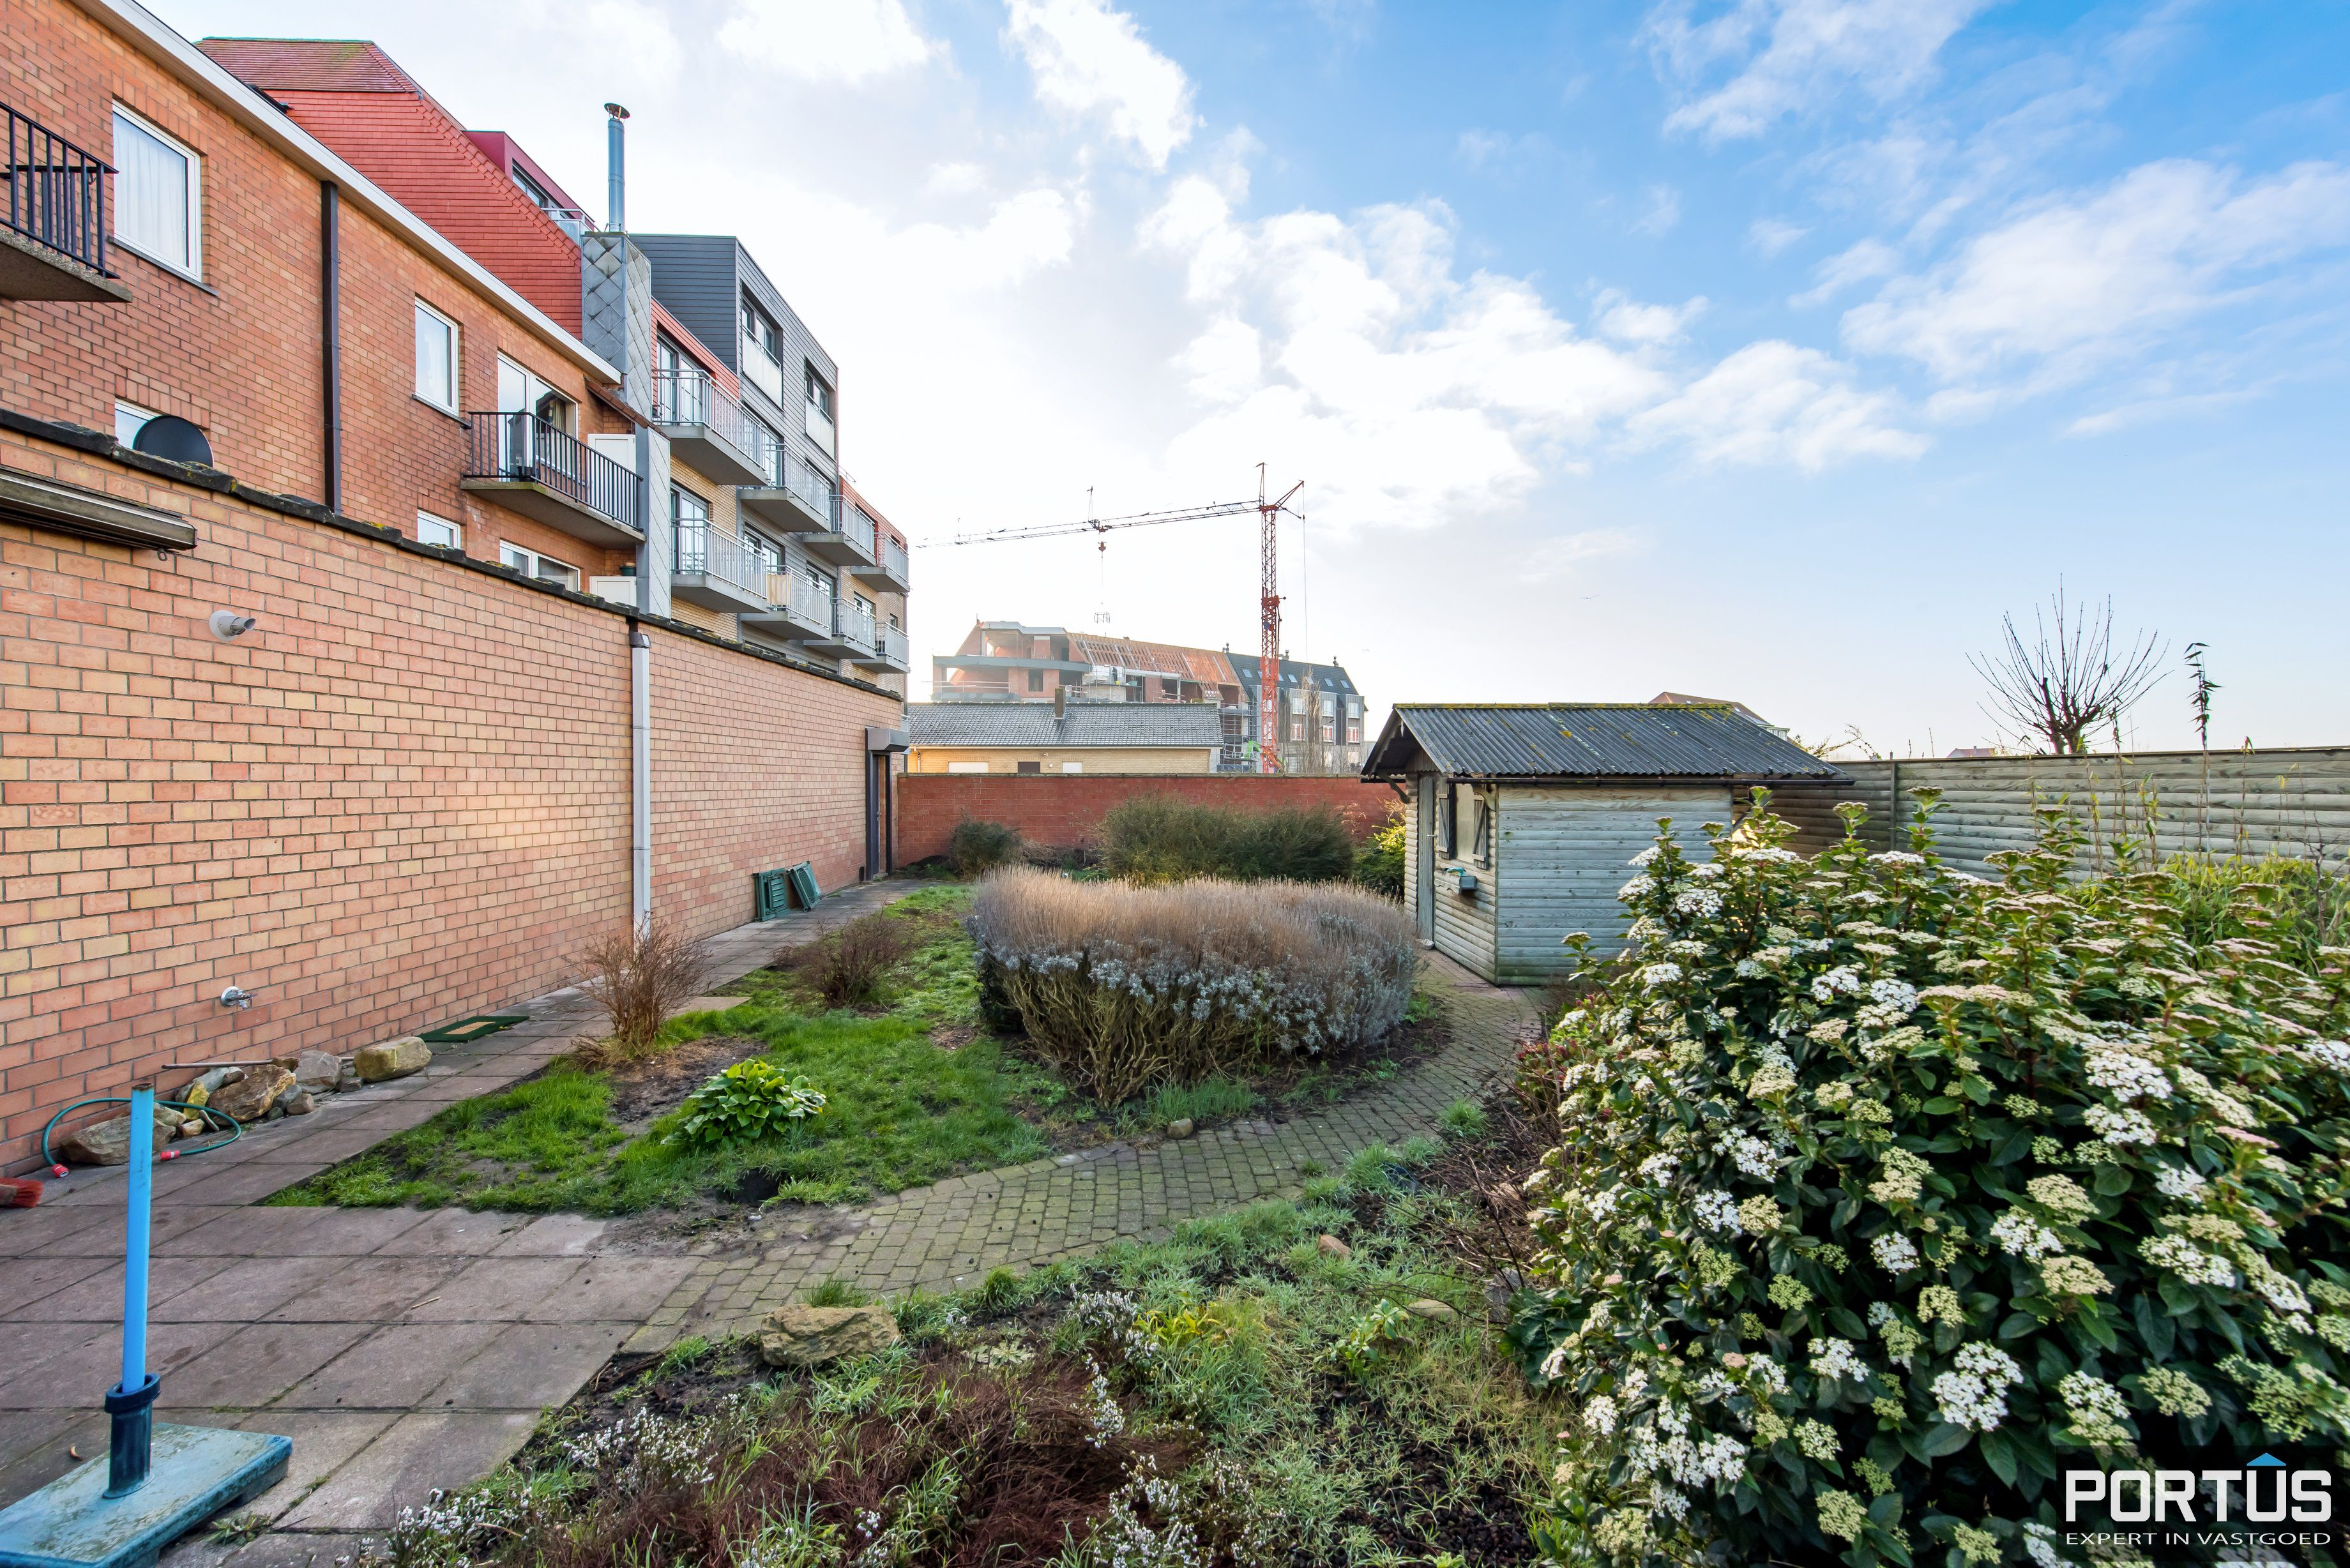 Woning met 4 slaapkamers en grote tuin te koop - 10802